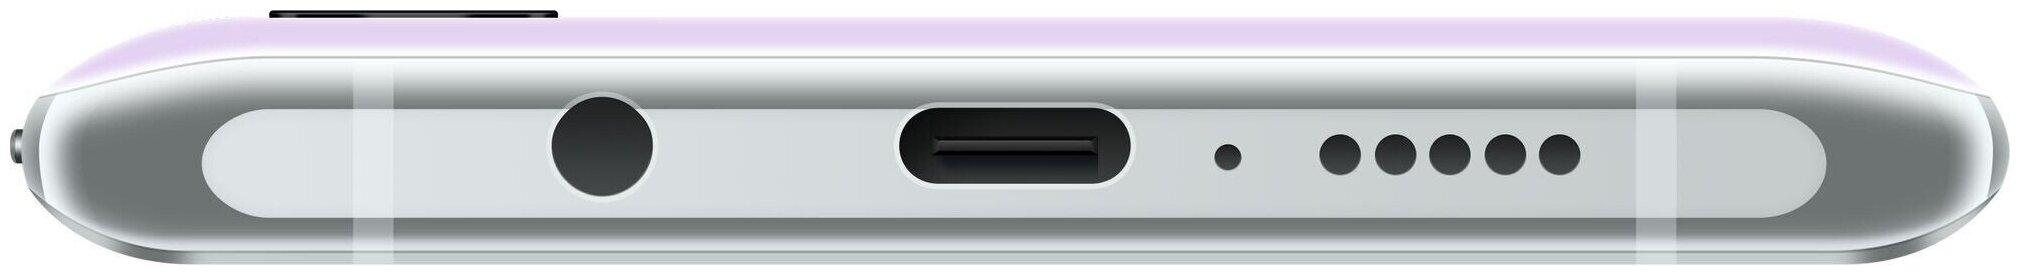 Фото #9: Xiaomi Mi Note 10 Lite 6/128GB